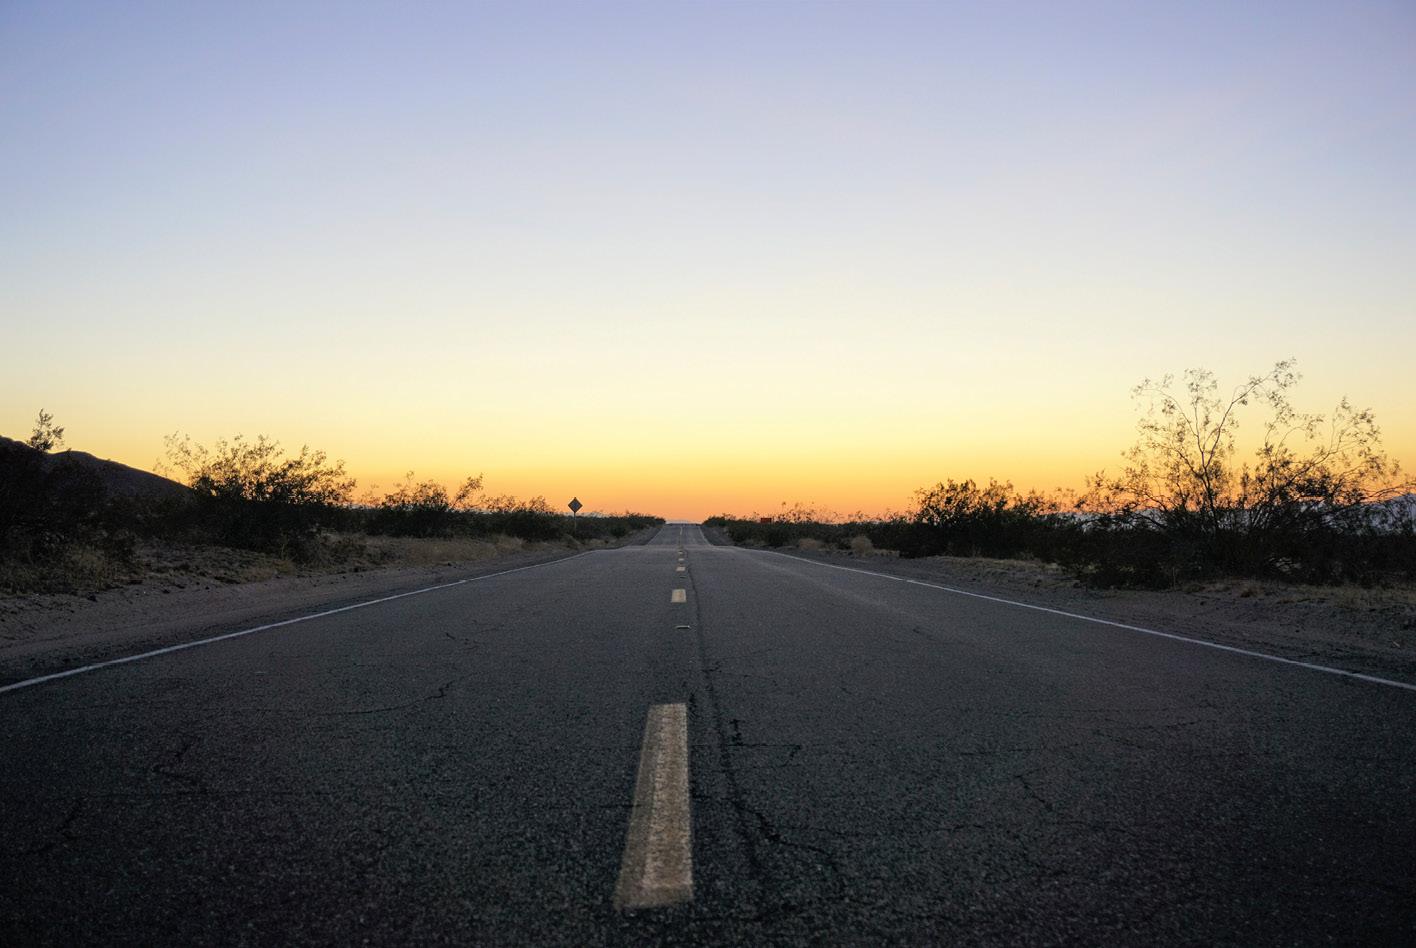 Zwischen Nevada und Kalifornien ist man oftmals für mehrere Meilen der einzige Autofahrer.